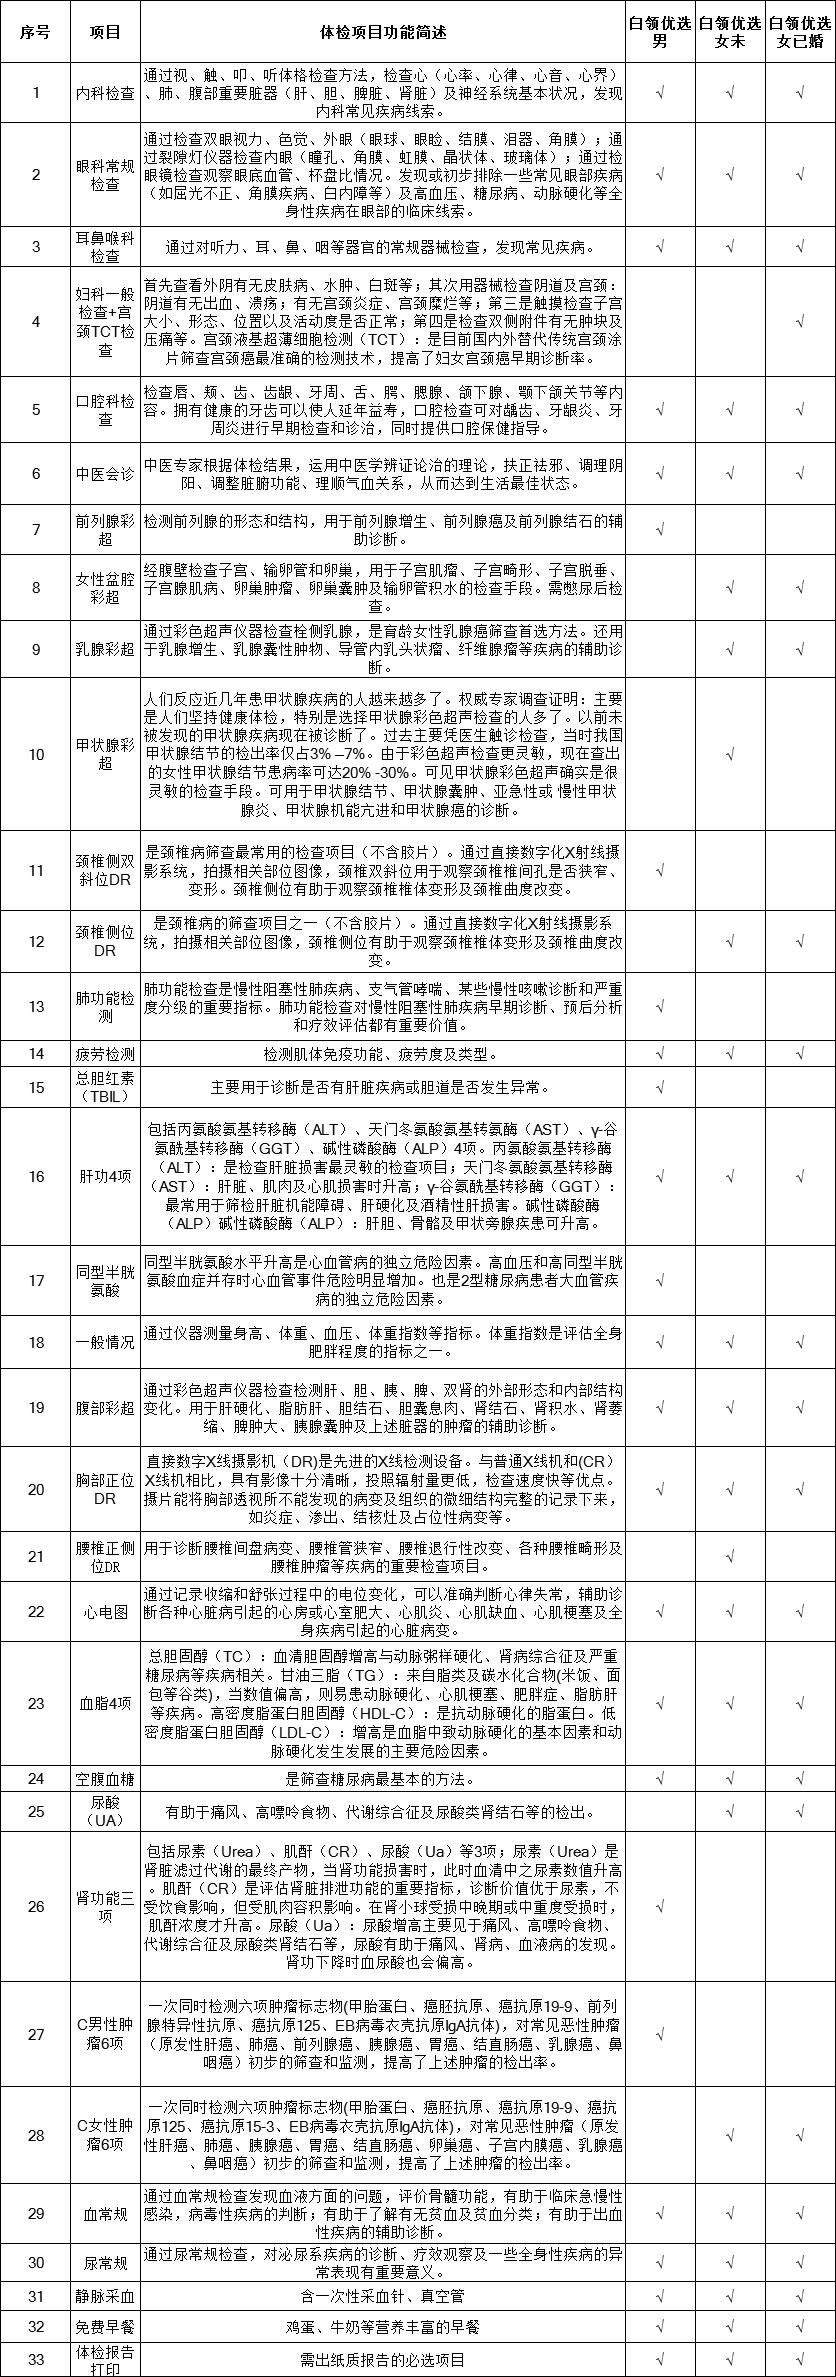 【慈铭体检•北京十四店通用】多种体检让你防患于未然!300元团检套餐/466元精选套餐/599元白领套餐~外科+妇科+彩超检测+肝功+肿瘤标志物 ……多种体检套餐,为多种群体量身打造,一年一度的定期检查,你做了吗?